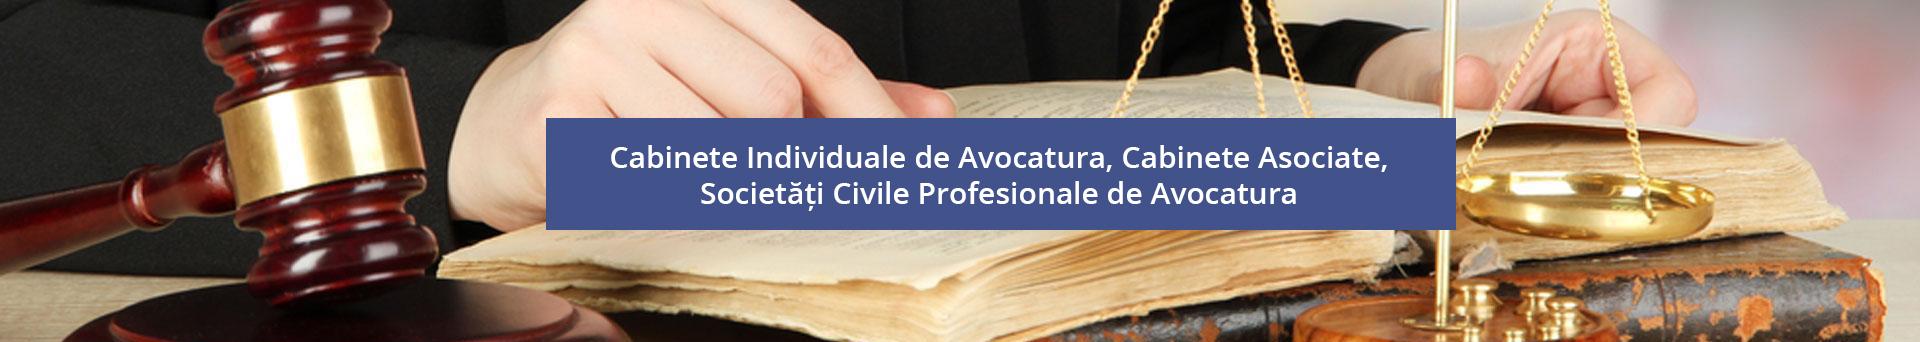 Cabinete Individuale de Avocatura, Cabinete Asociate, Societăți Civile Profesionale de Avocatura